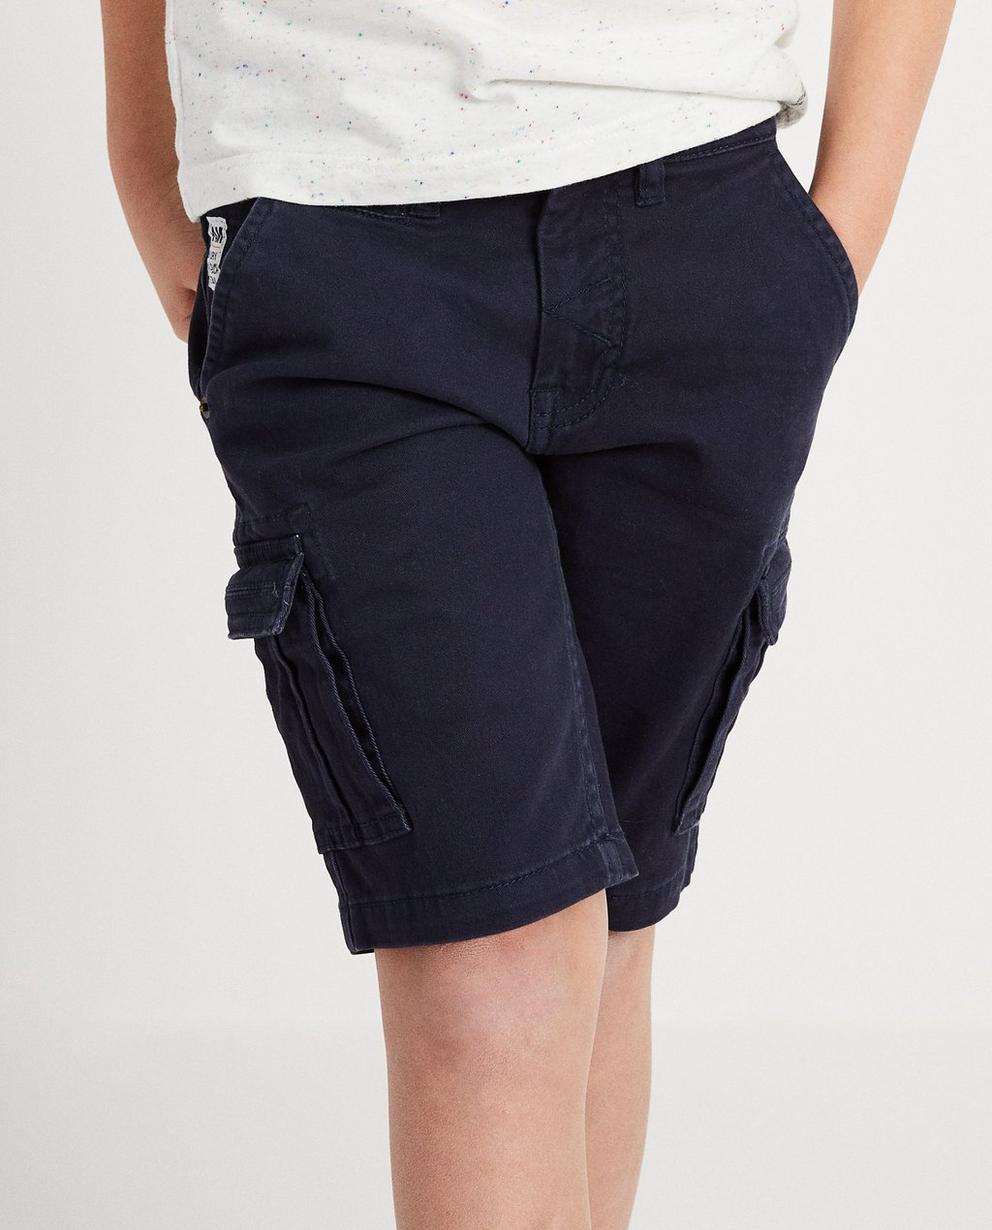 Shorts - Navy - Cargoshorts aus Biobaumwolle